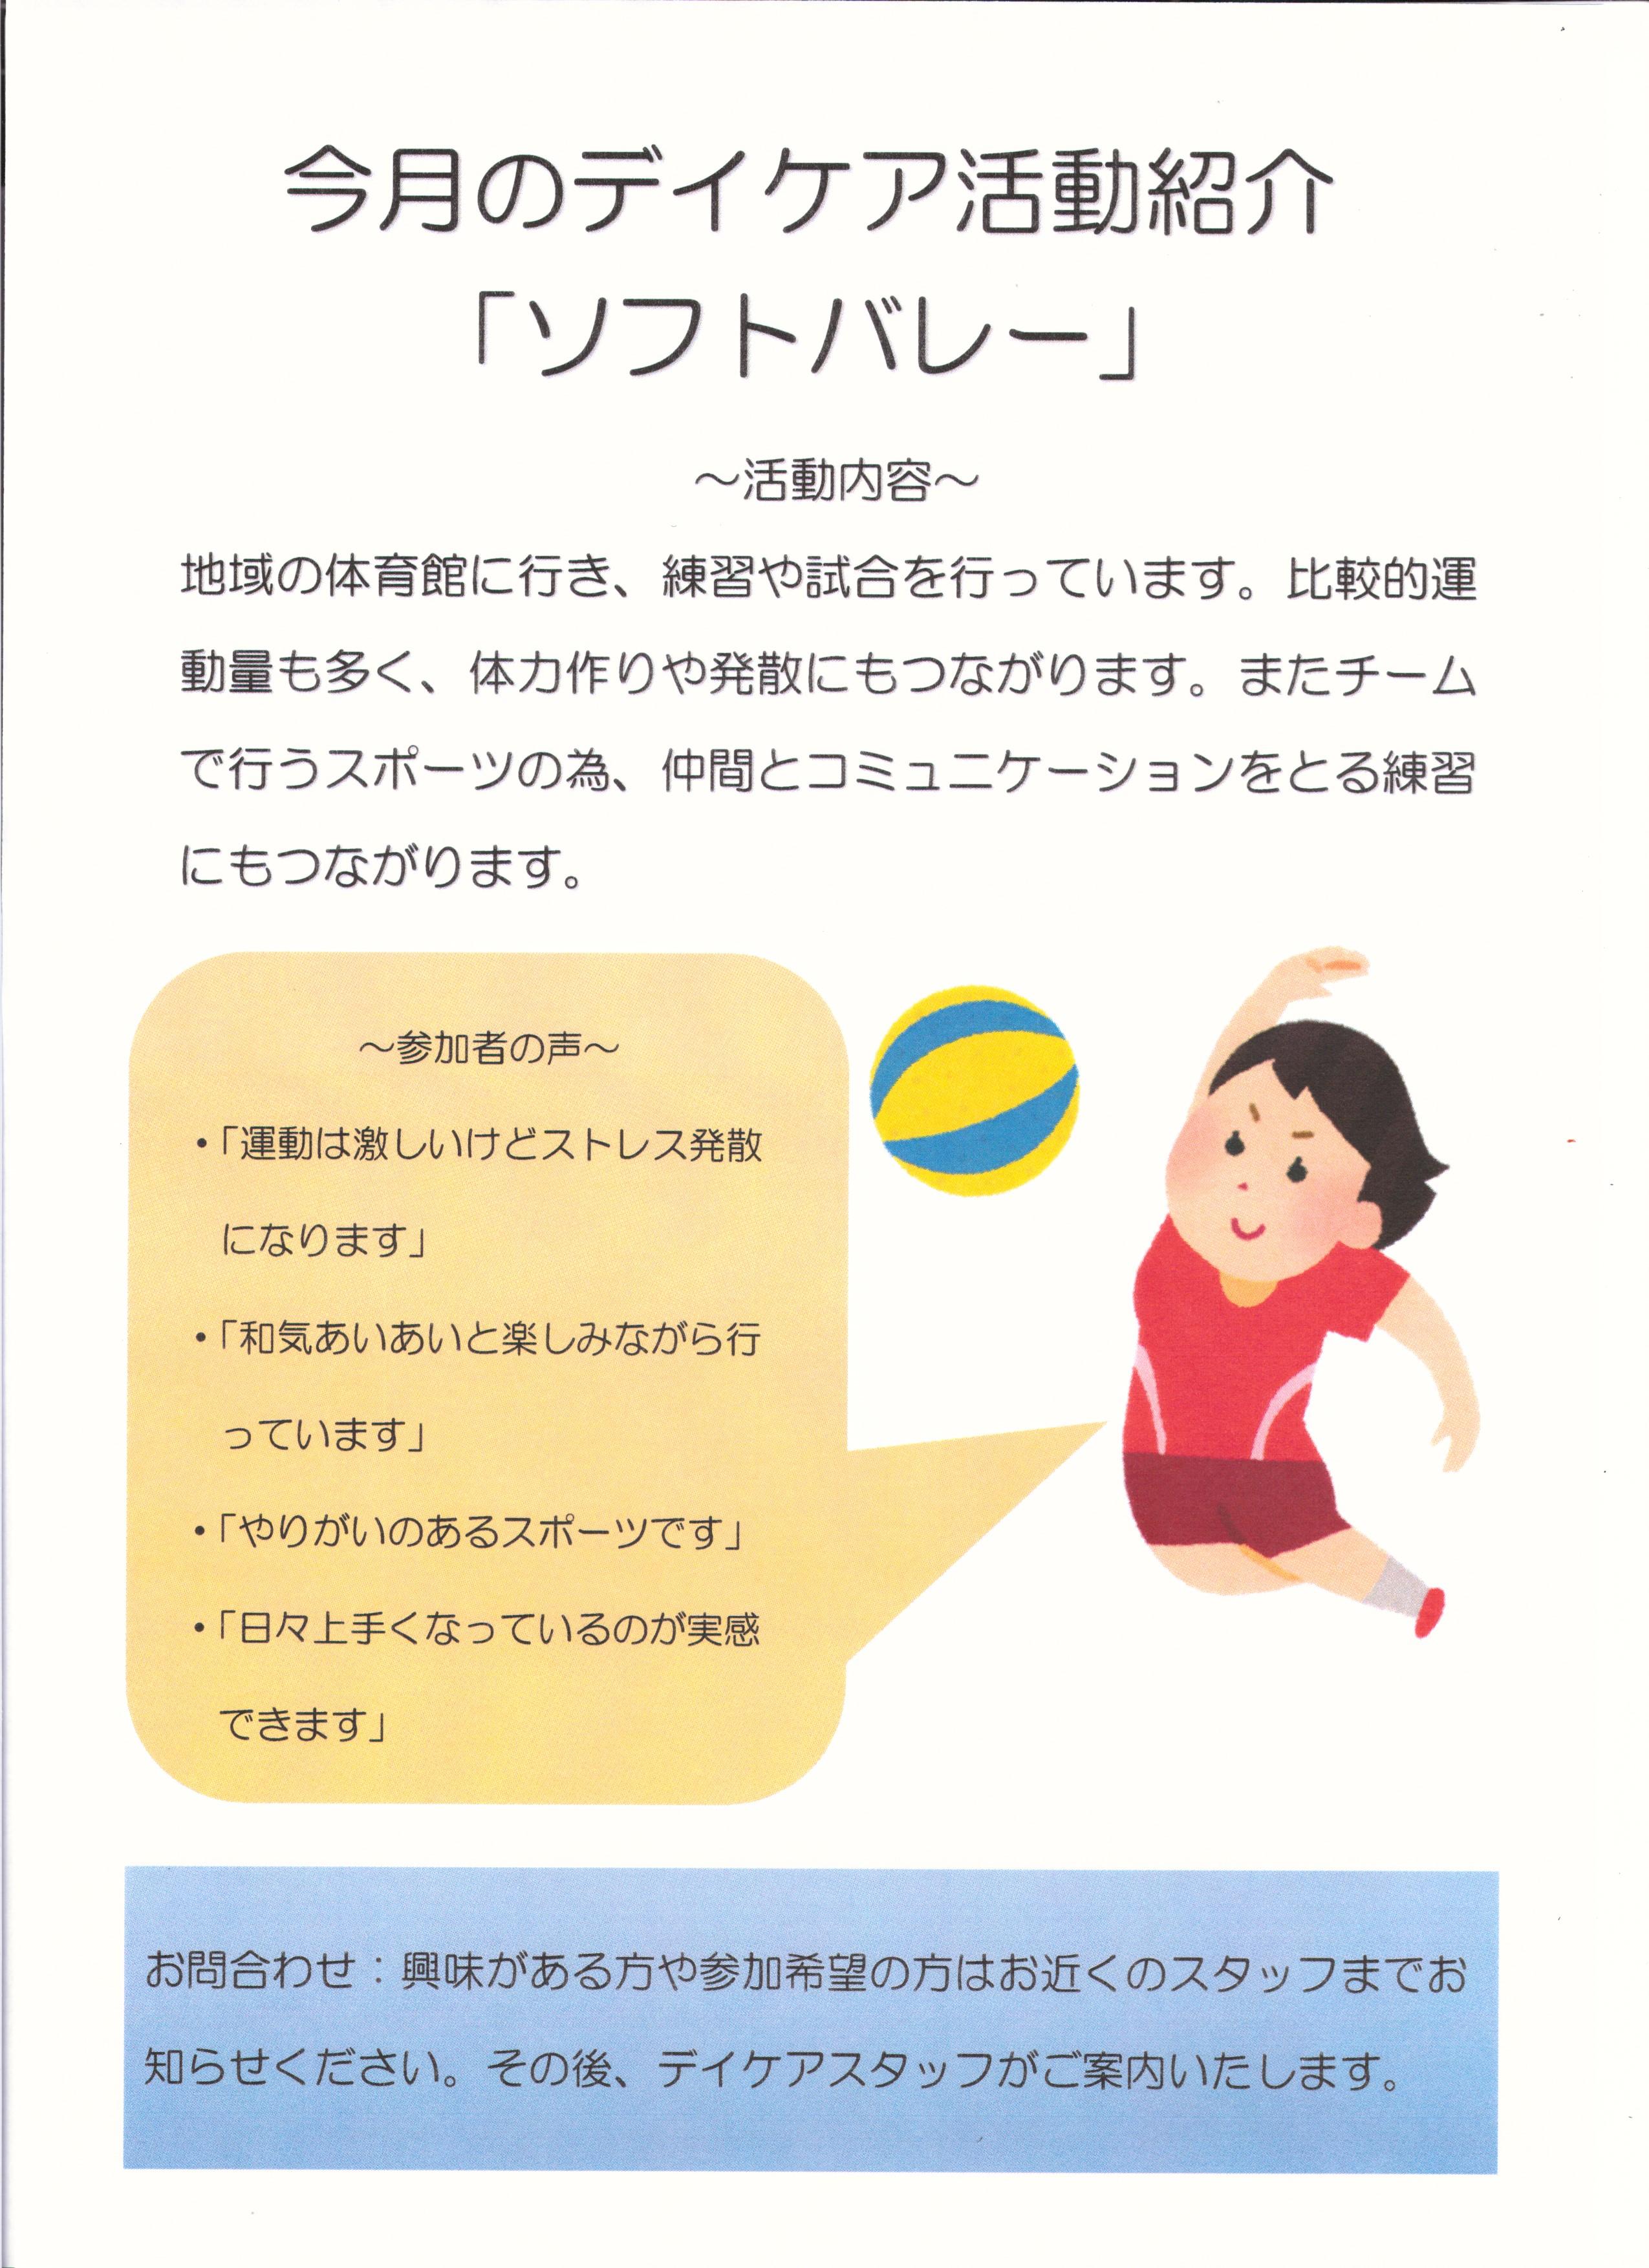 ソフトバレー活動紹介ポスター